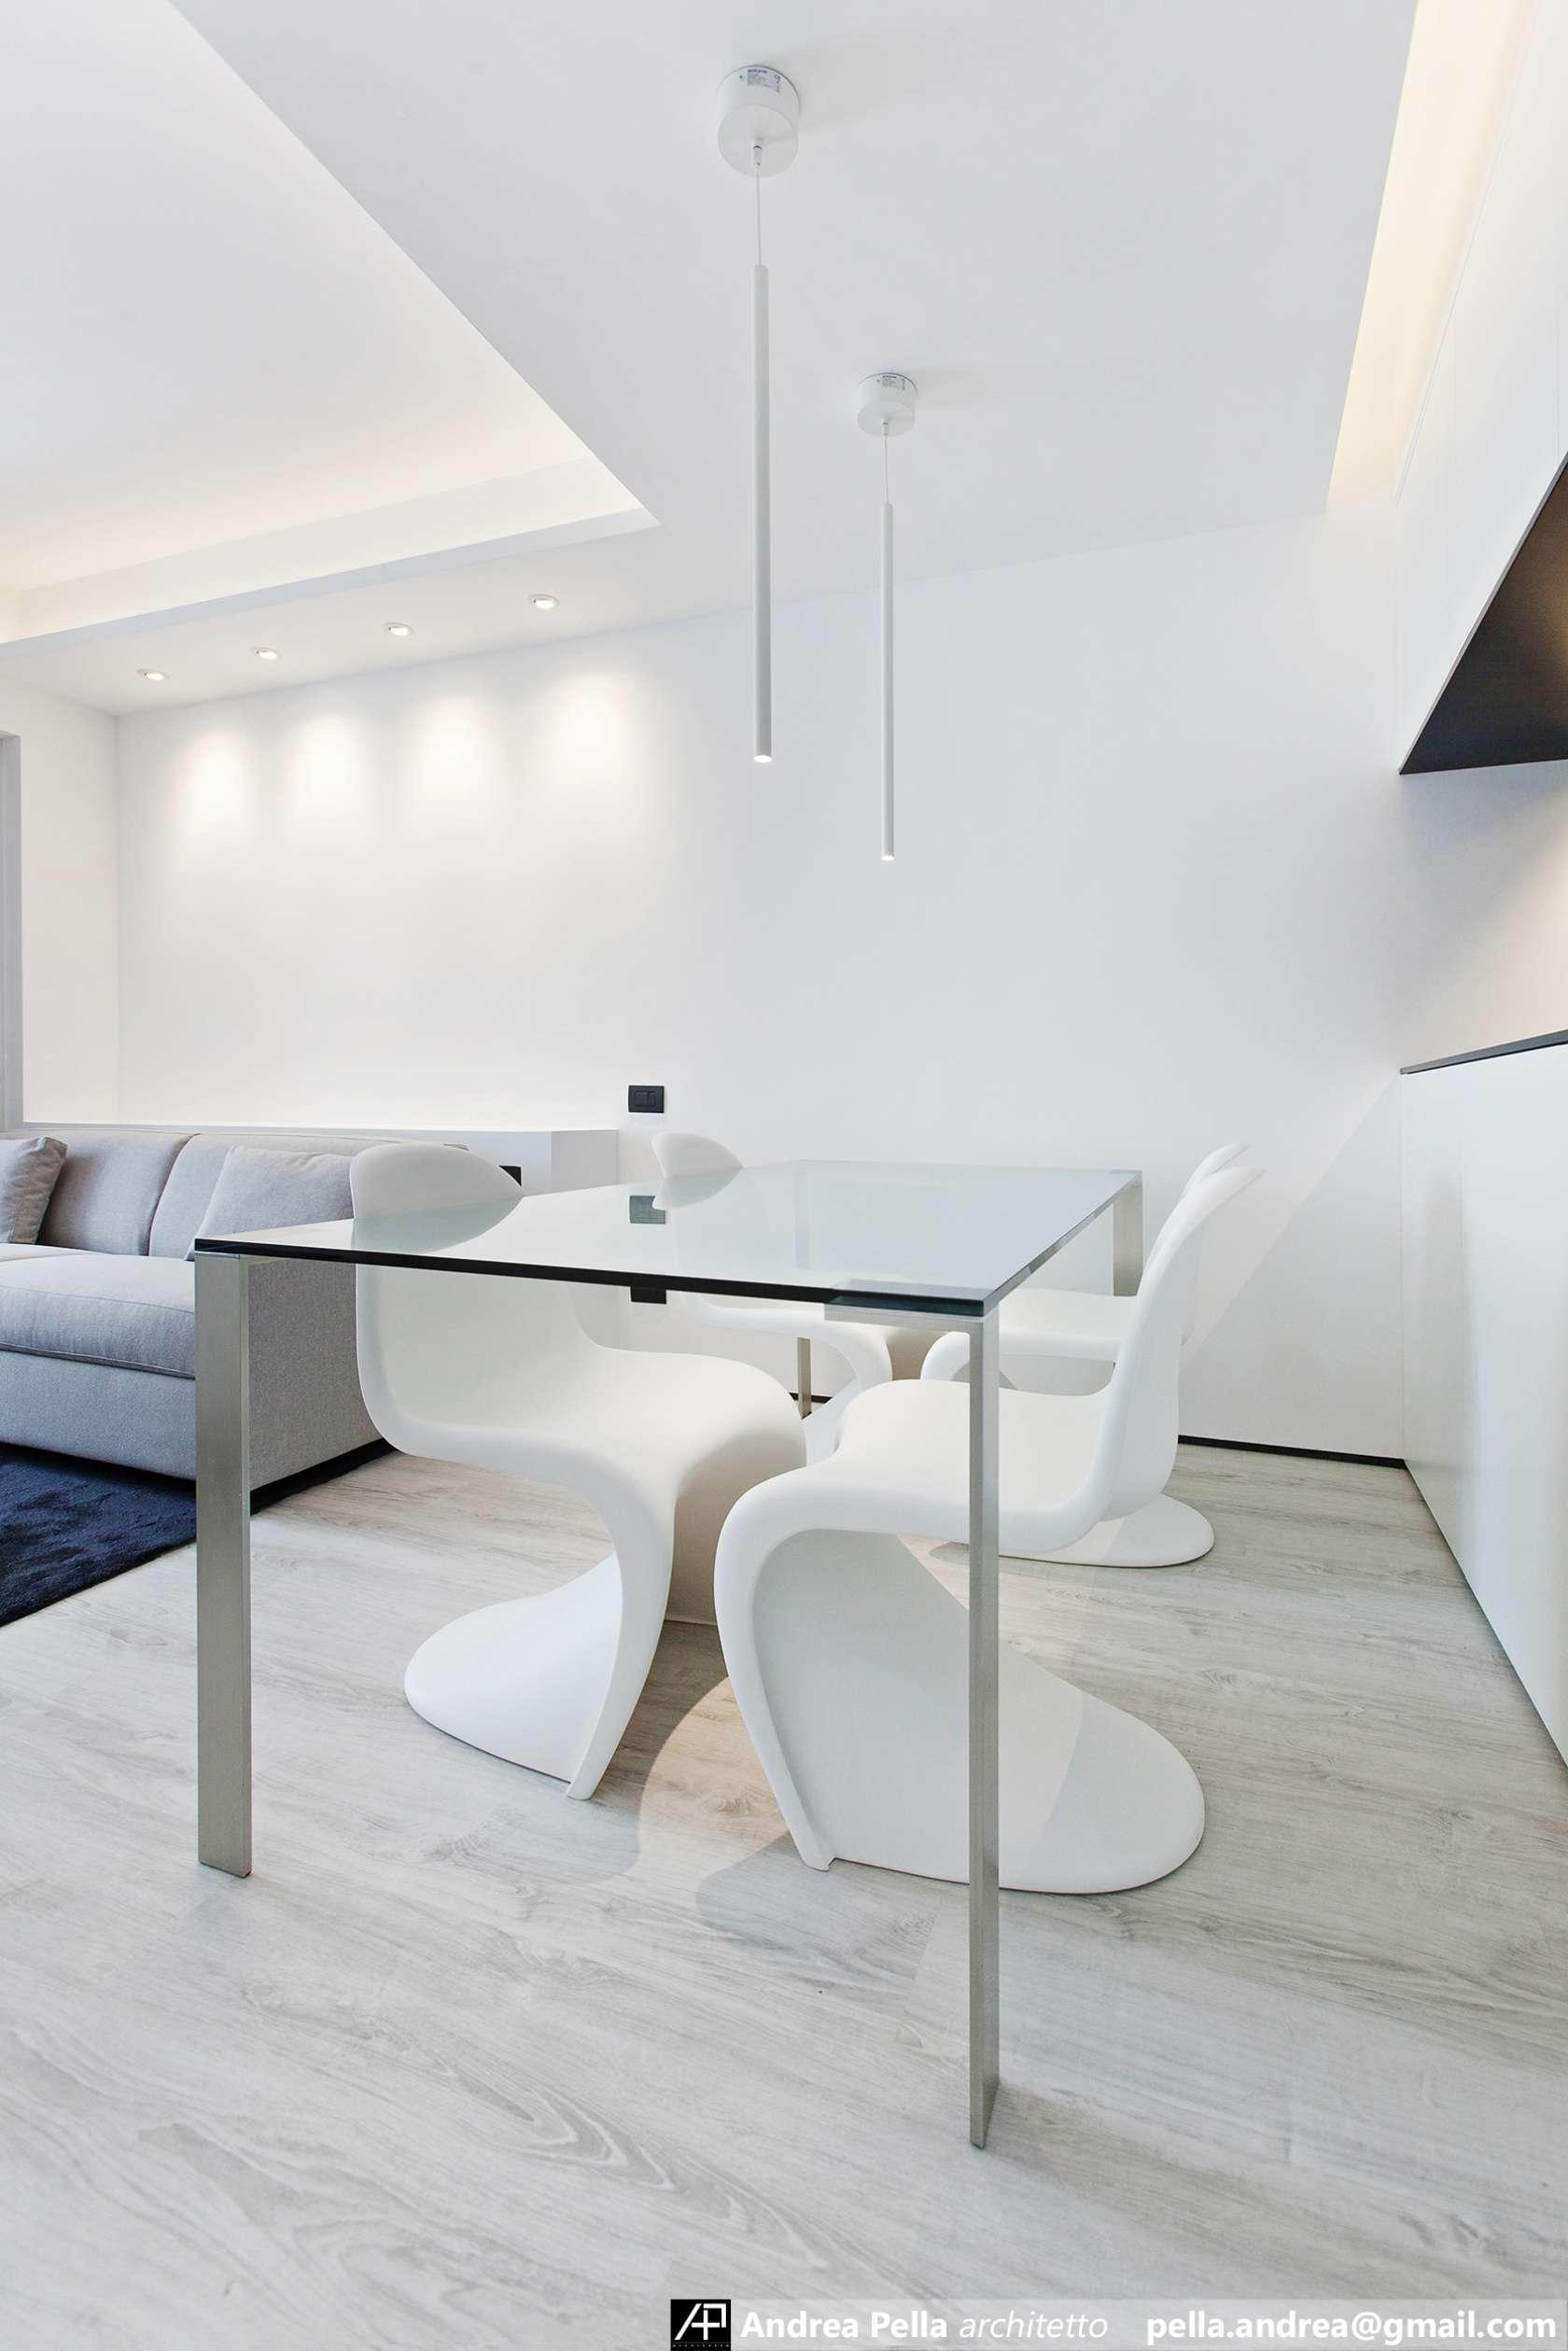 малък апартамент в минималистичен стил - 3